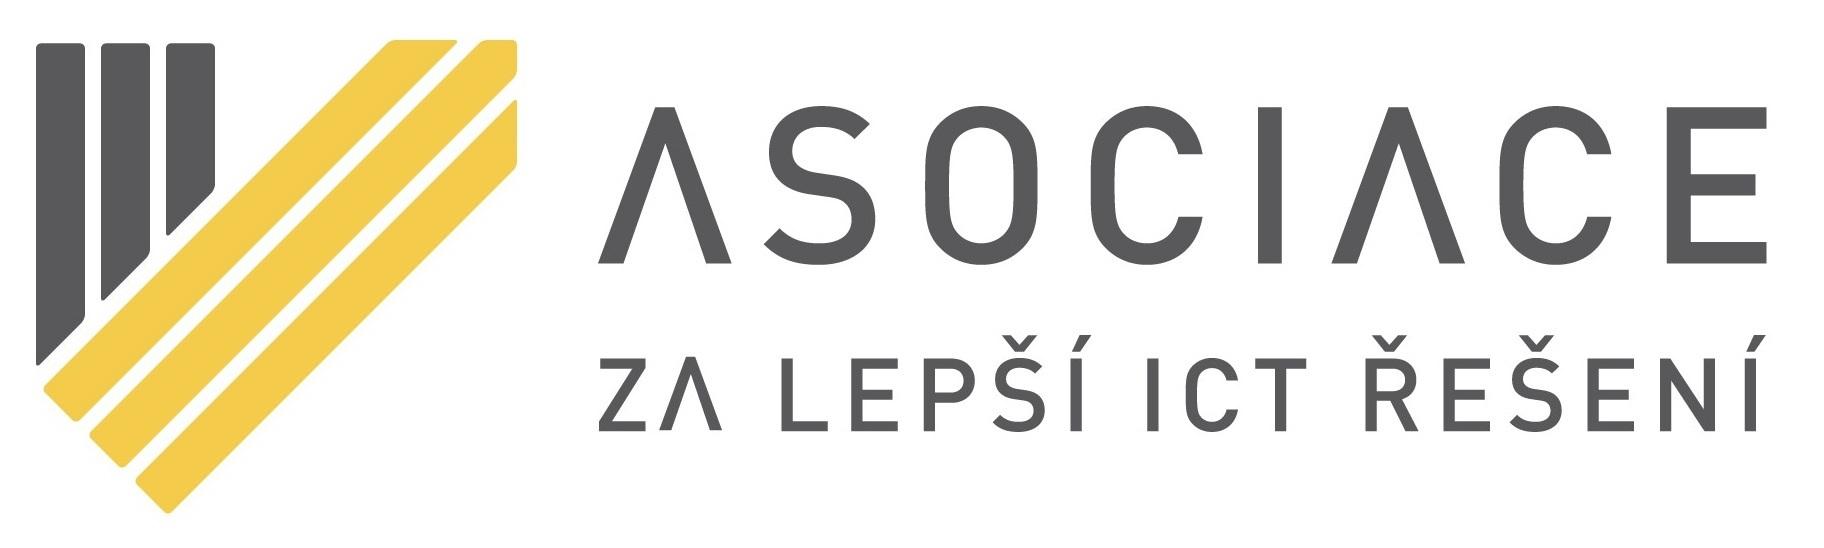 Asociace za lepší ICT řešení - logo